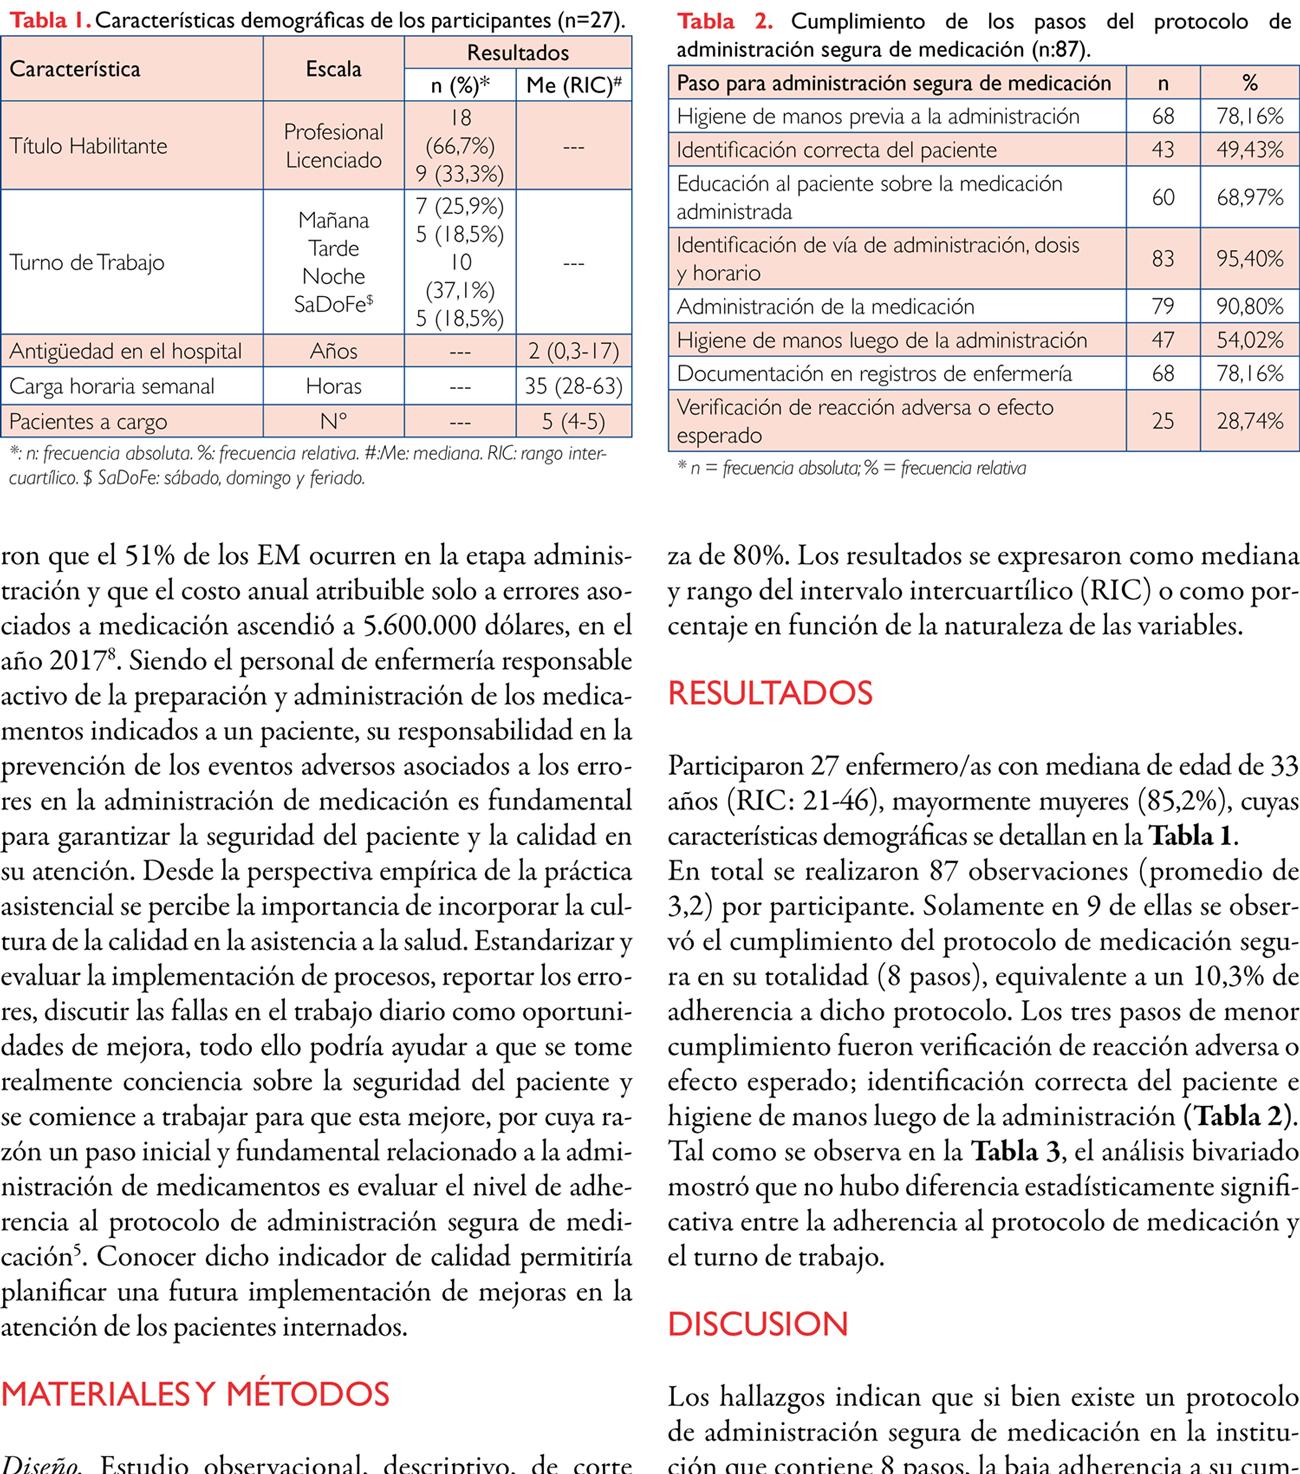 Adherencia de Enfermería al protocolo de administración segura de medicación